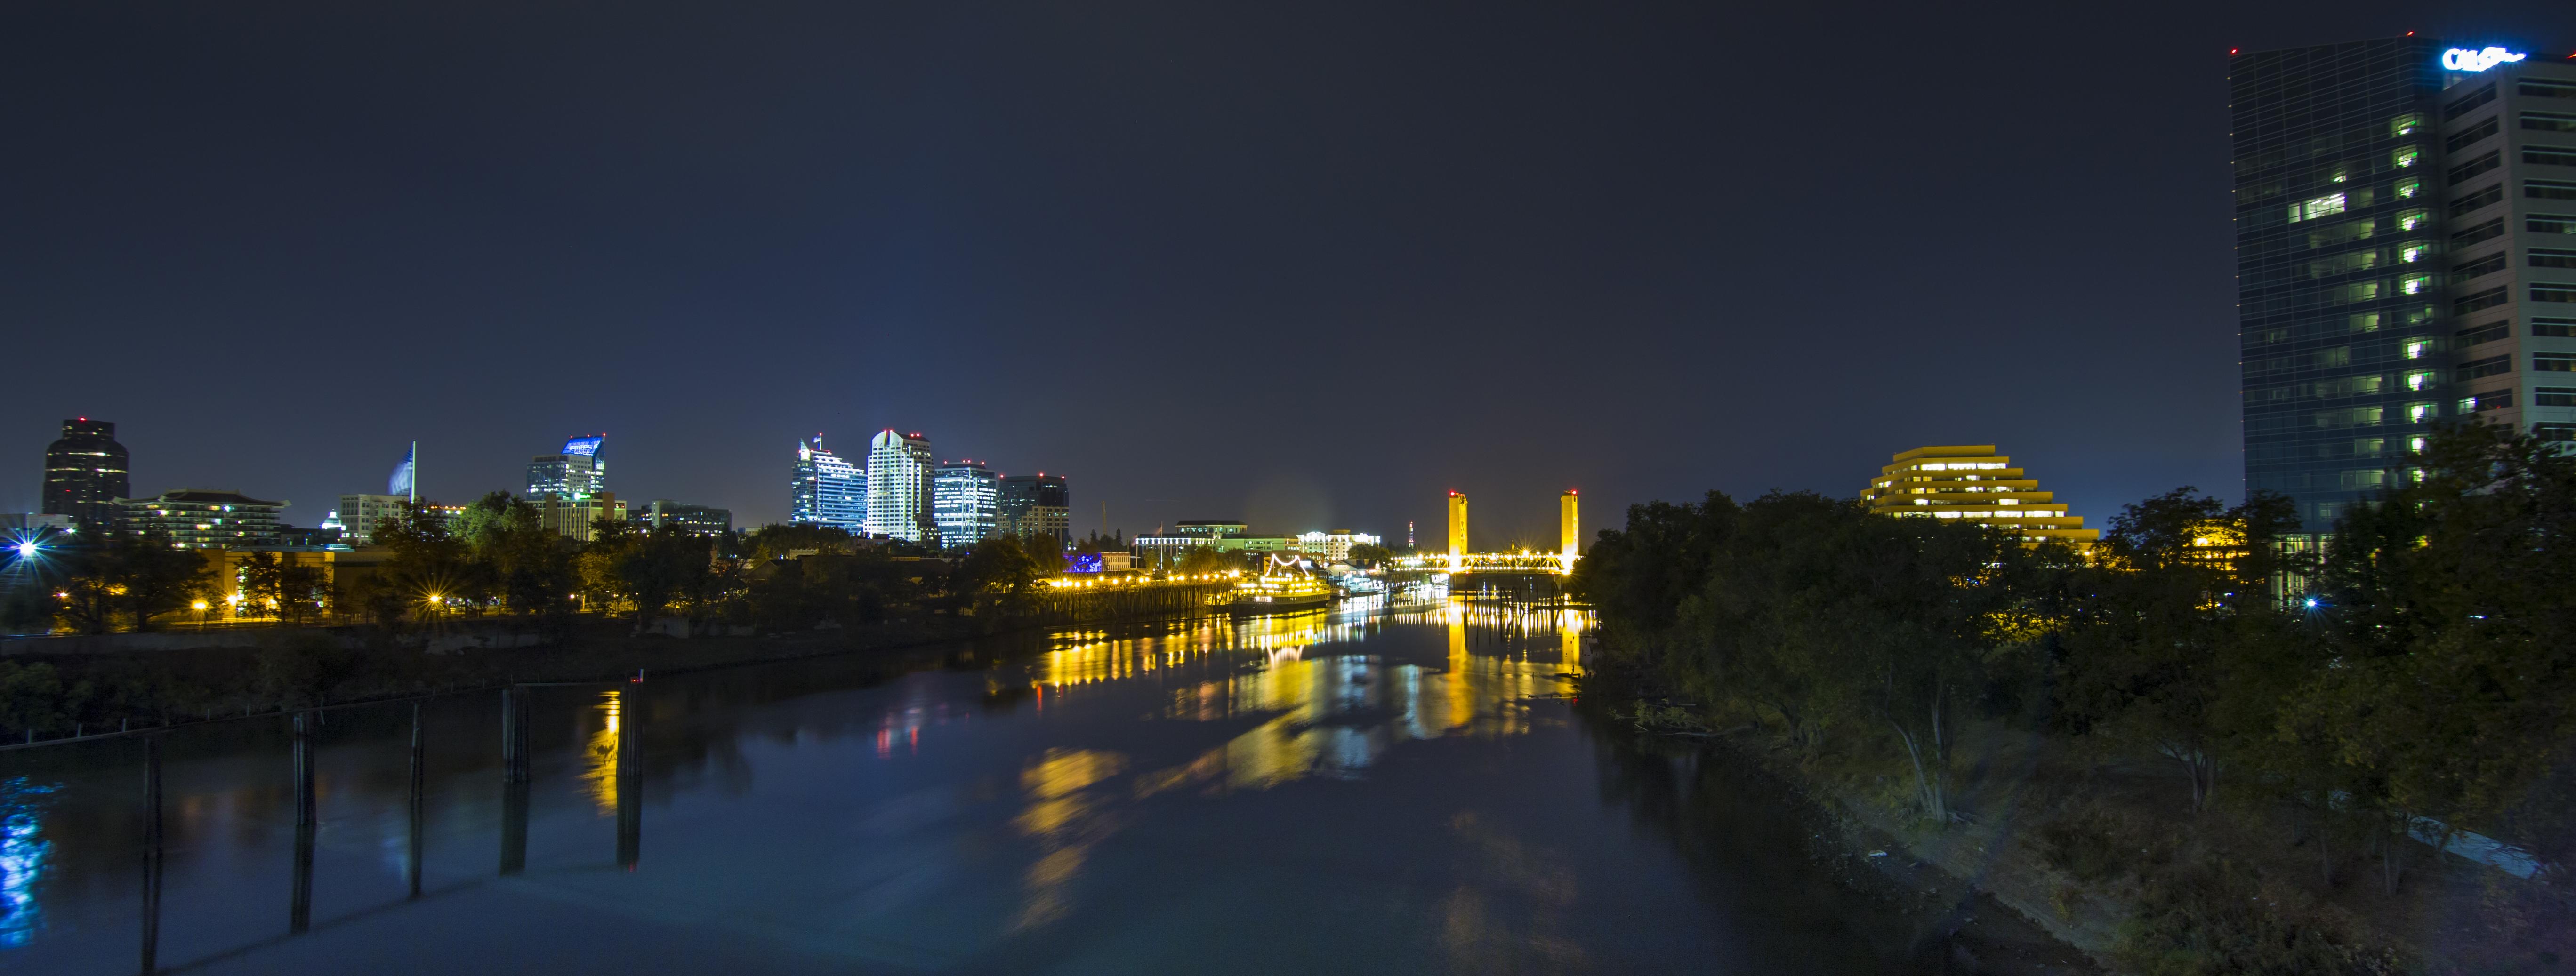 River Full Of Light